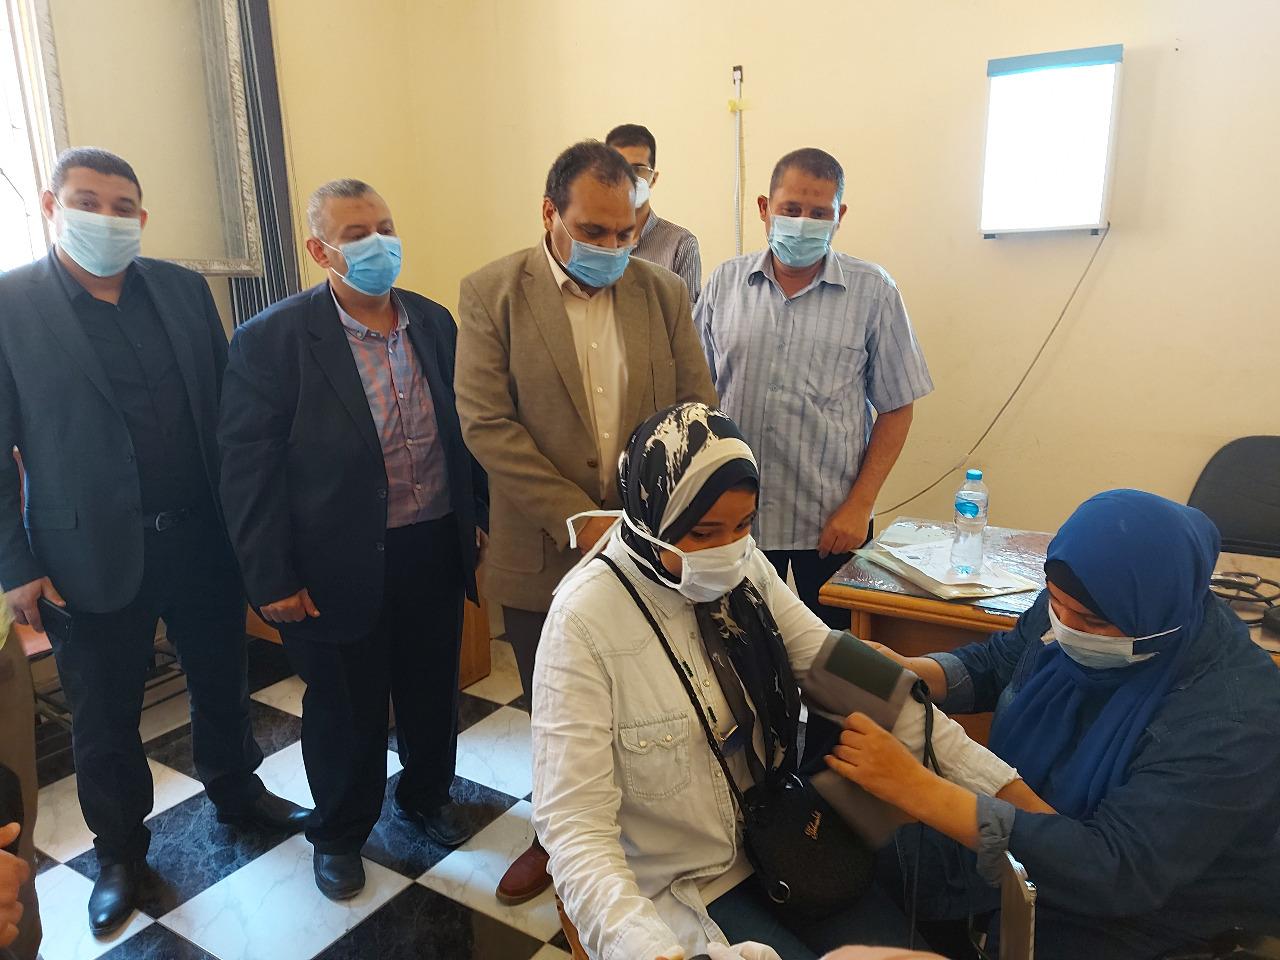 نائب رئيس جامعة بنها يتفقد إجراءات الكشف الطبي على الطلاب الجدد